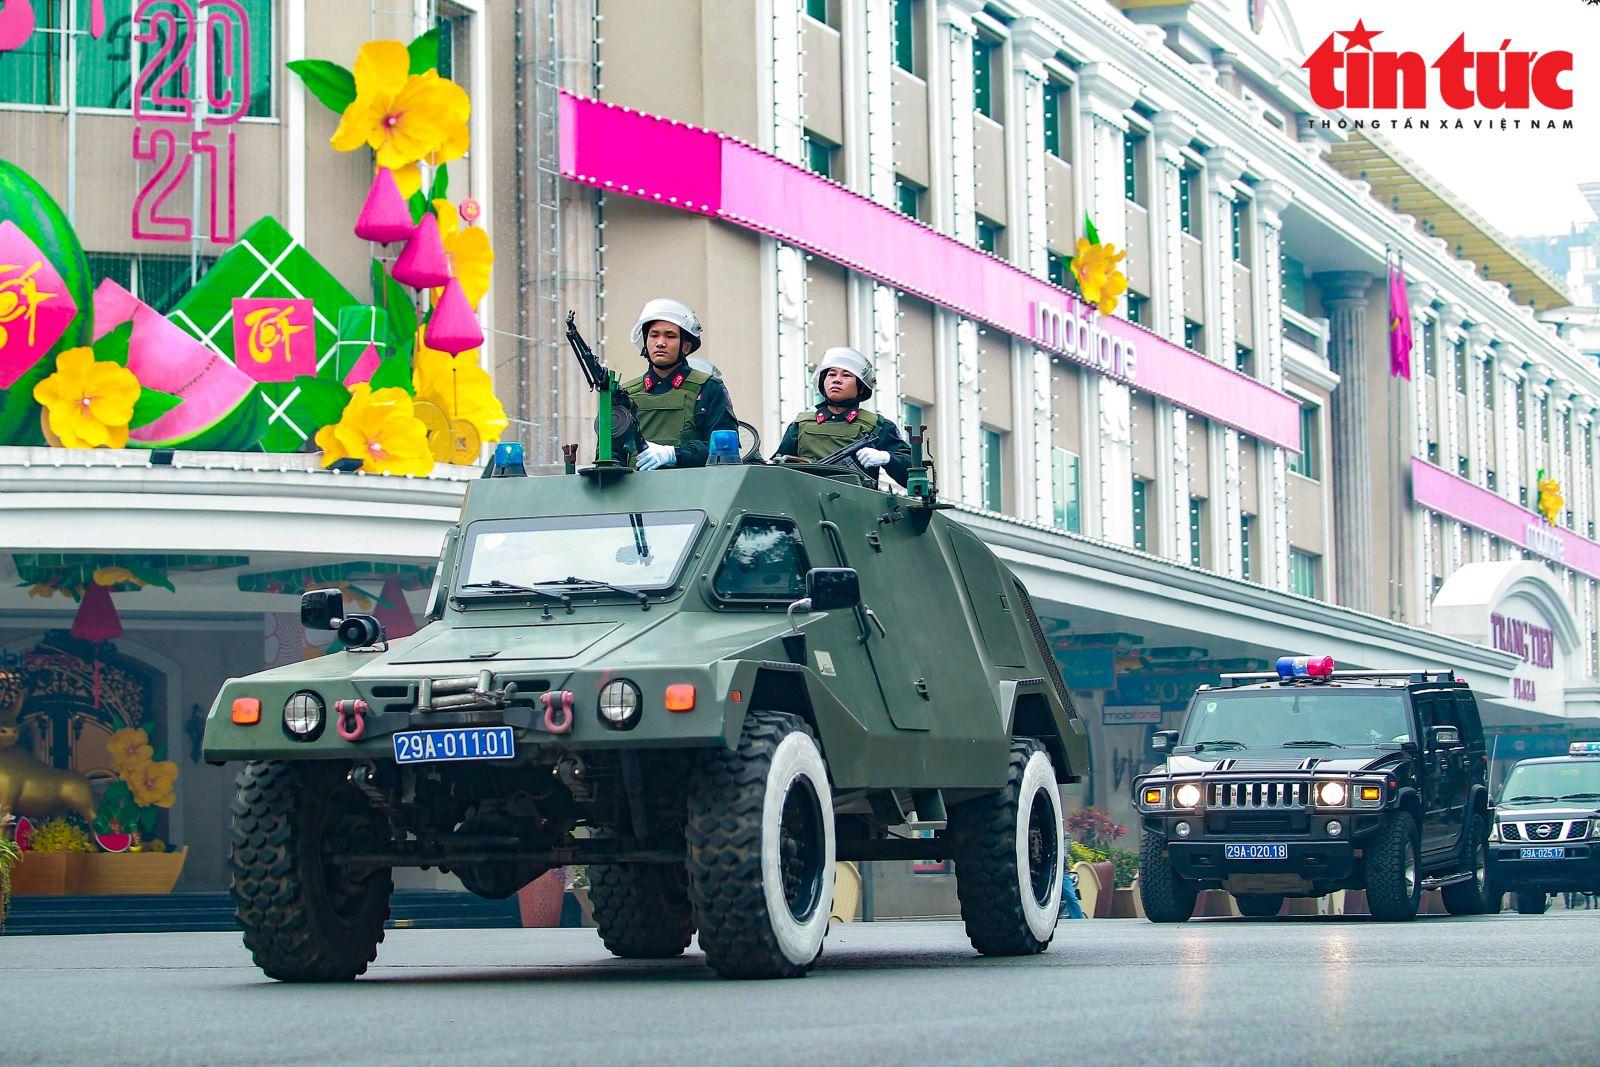 Hà Nội bổ sung 10 tuyến đường cấm phục vụ Đại hội XIII của Đảng.